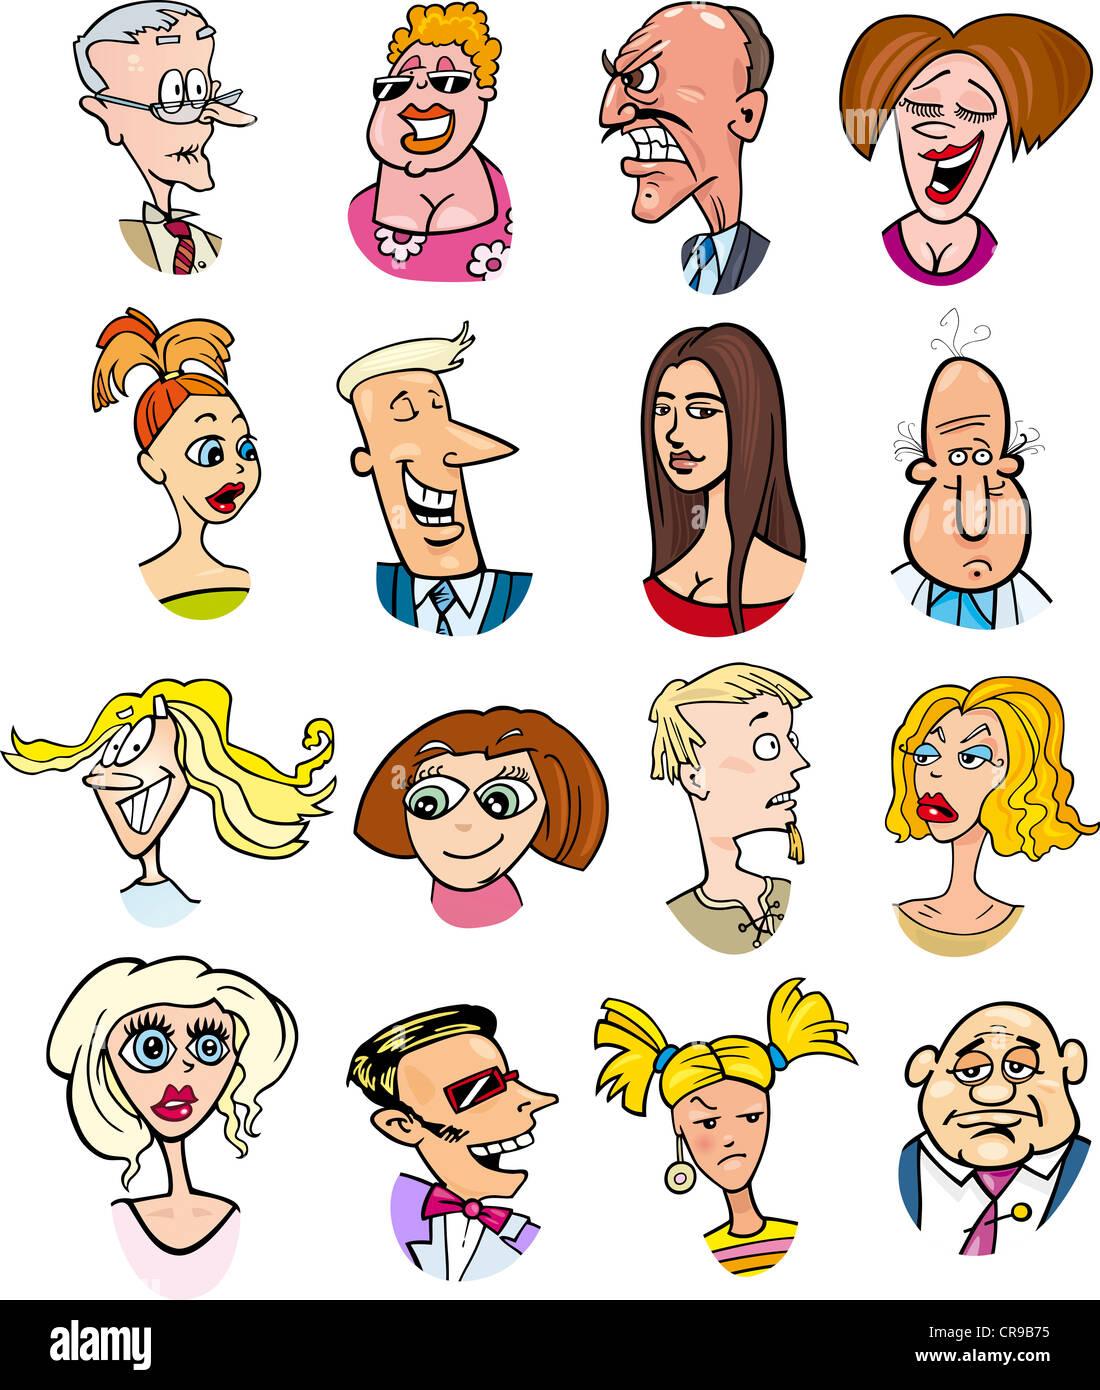 Ilustración De Dibujos Animados De Personas Diferentes Personajes Y